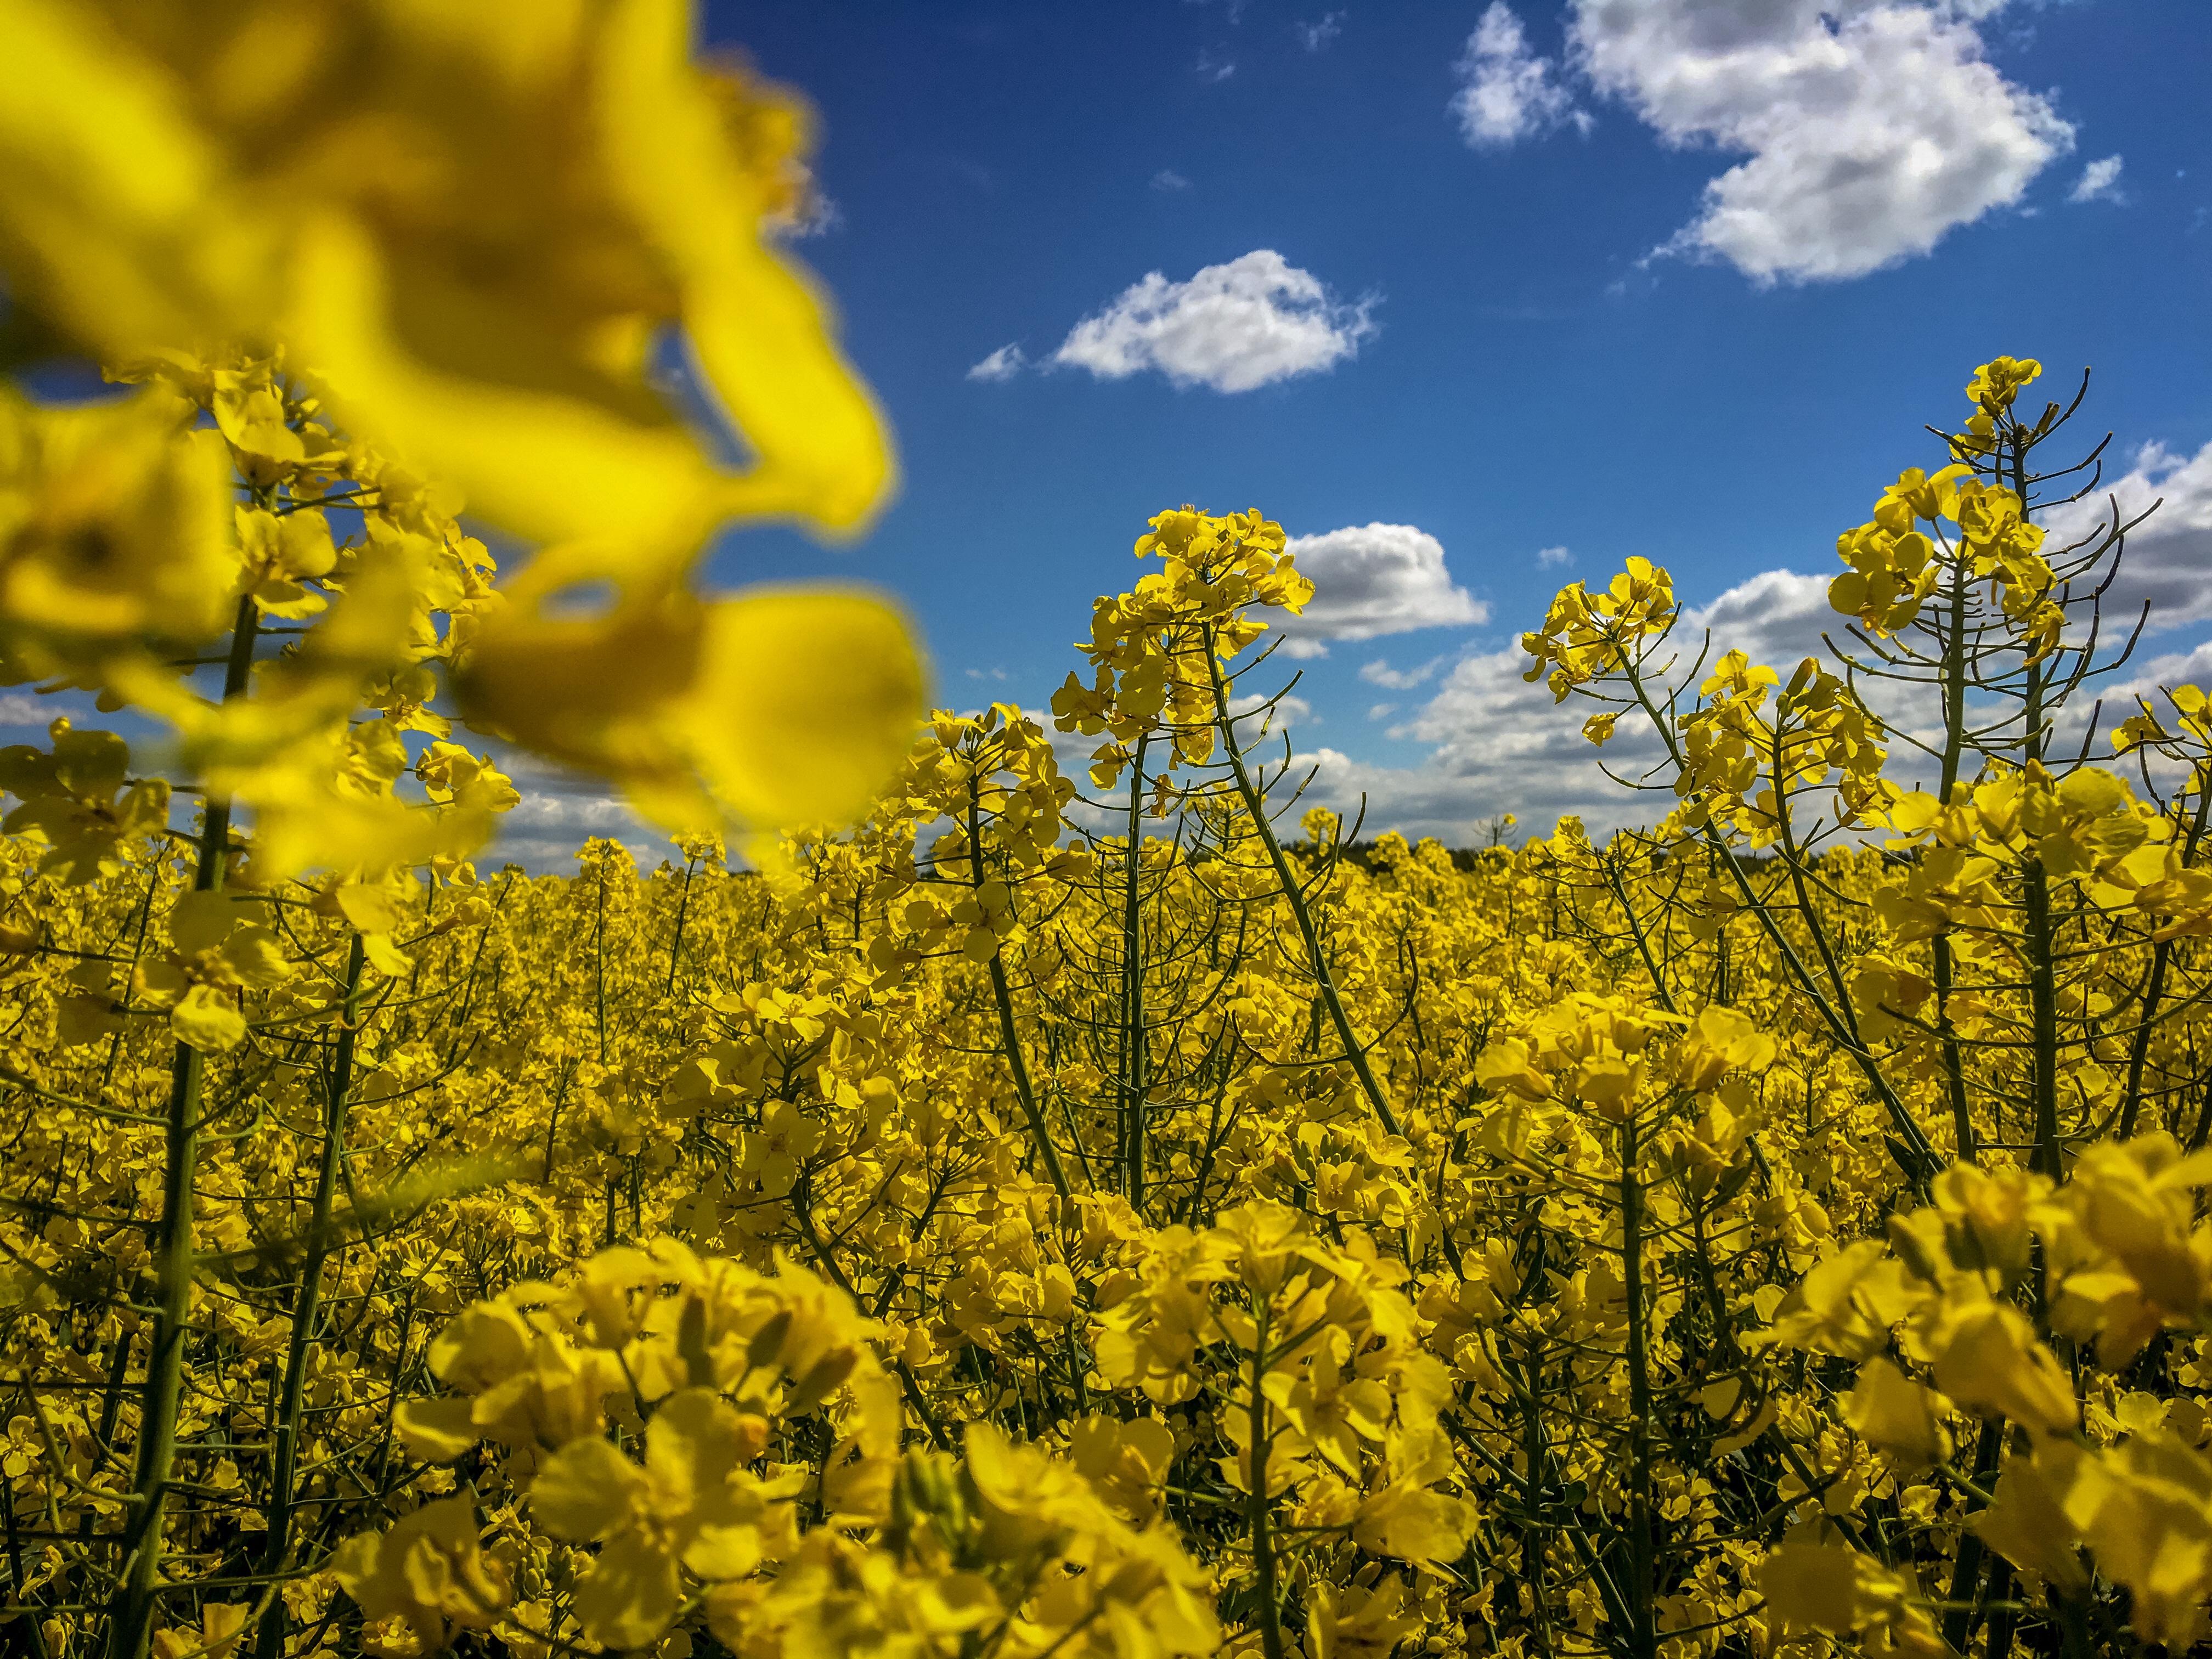 Gelbe Rapsblüten vor blauem Himmel mit weißen Wolken